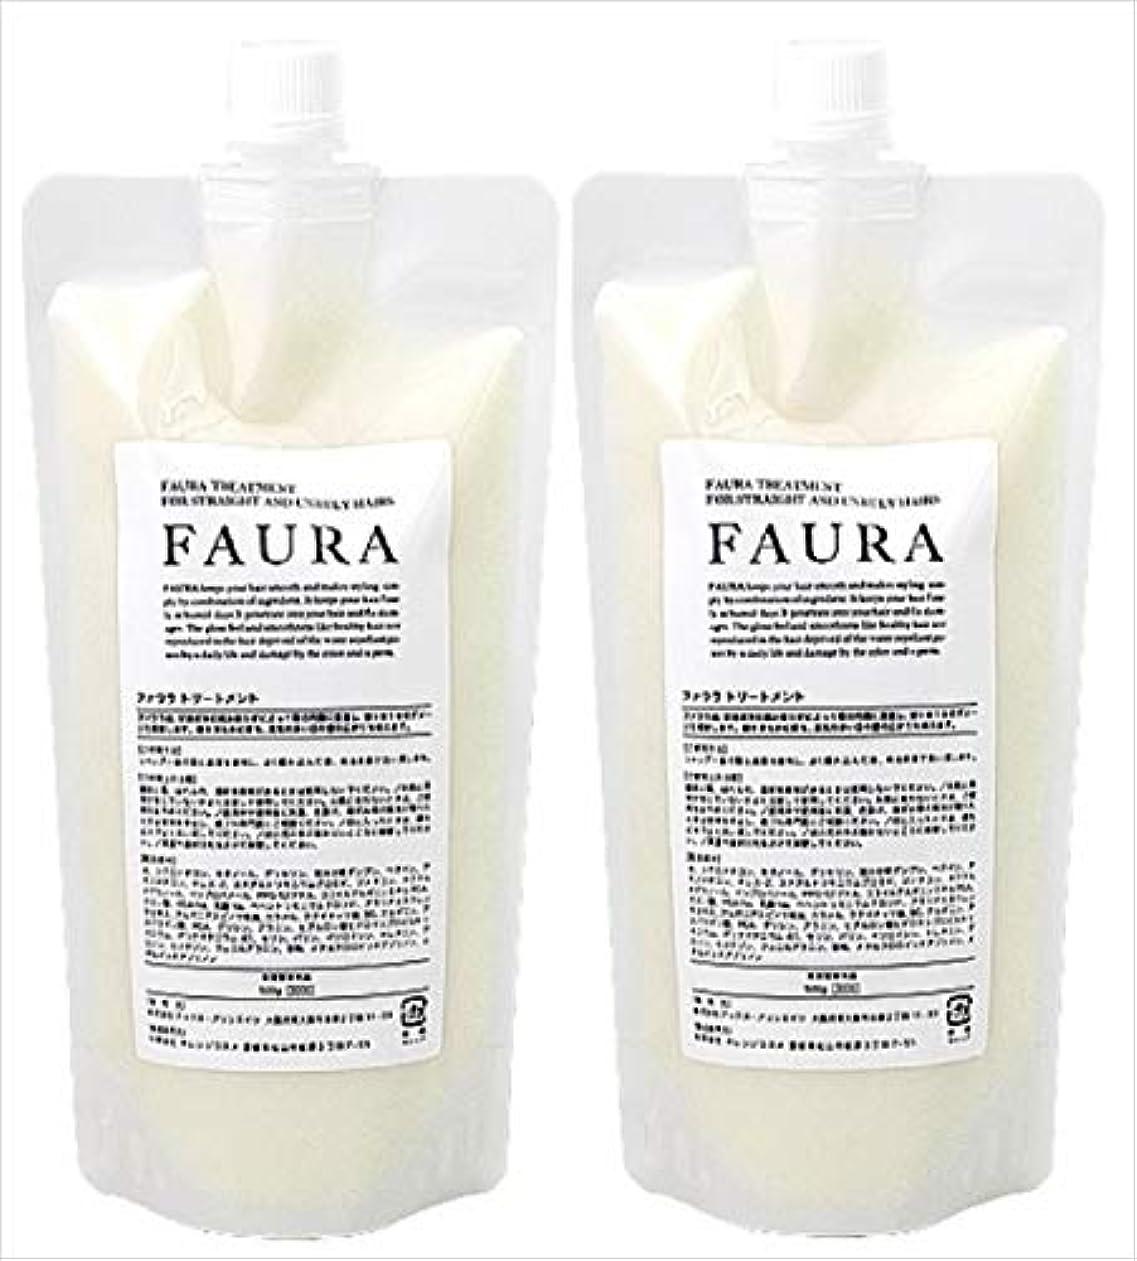 箱壊れたおびえた【送料無料】FAURA ファウラ ヘアトリートメント (傷んだ髪に) 詰替500g2つのセット 【サロン専売品】